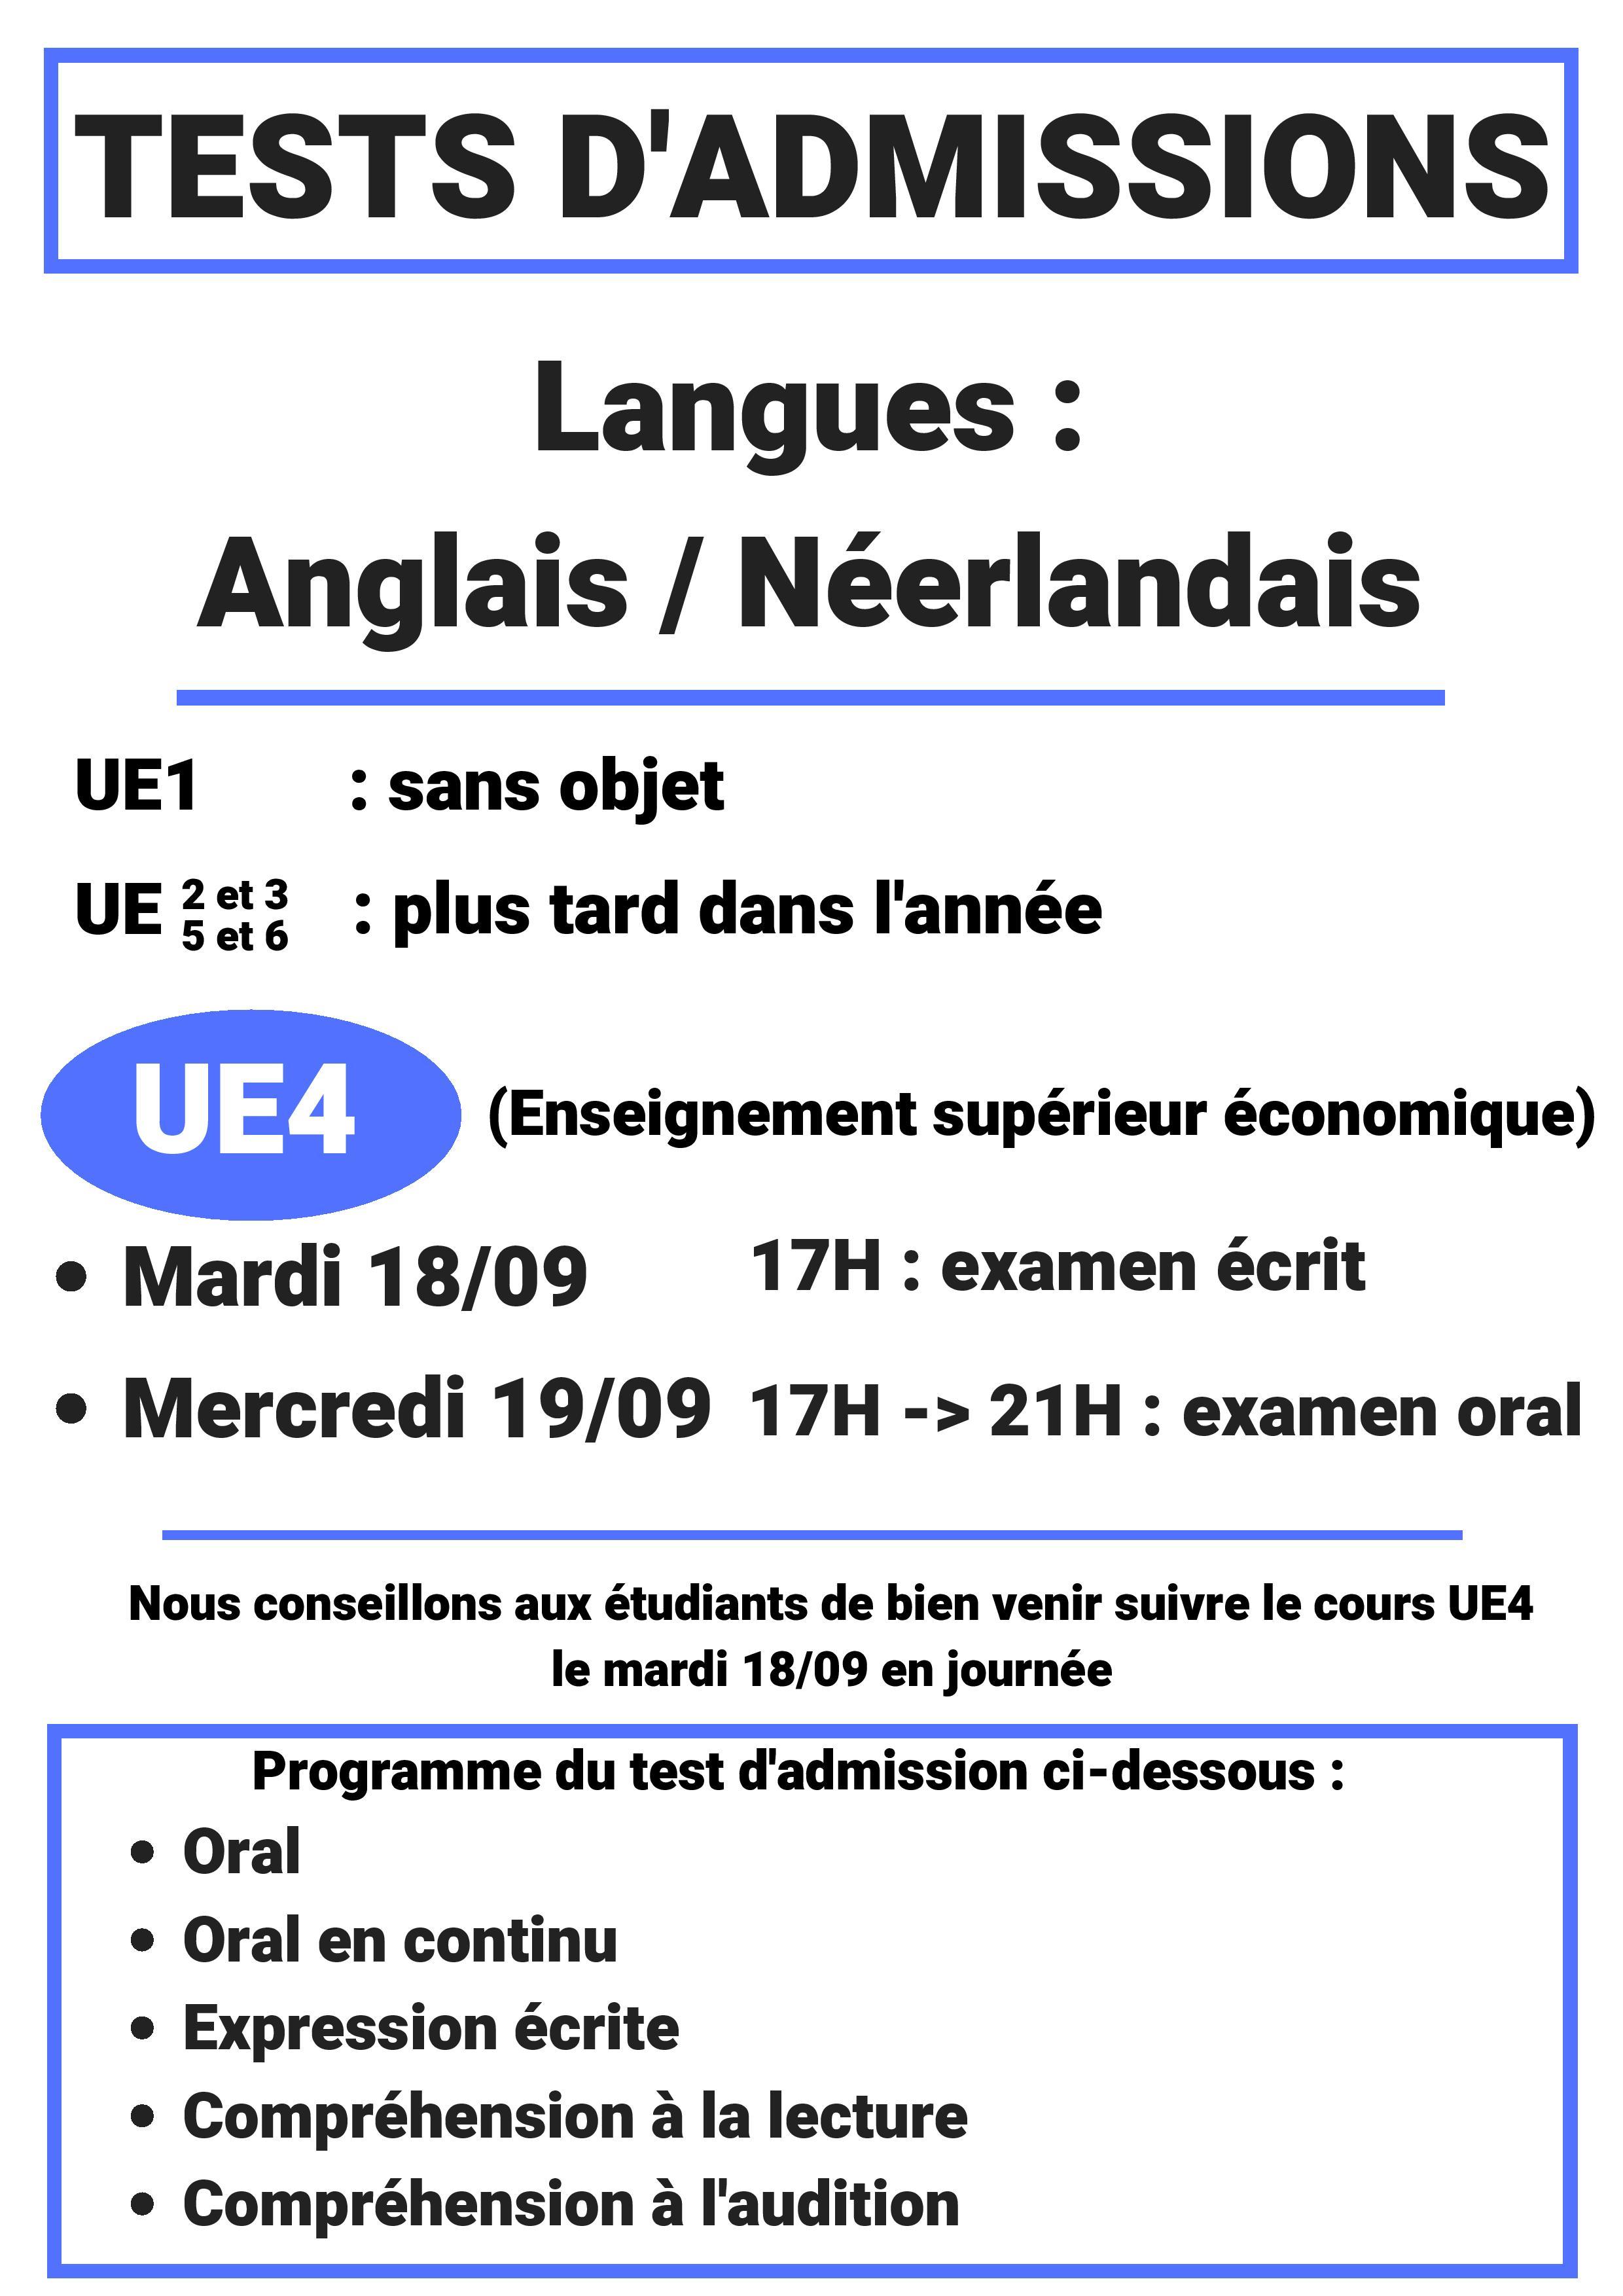 Informations relatives aux tests d'admissions en Langue